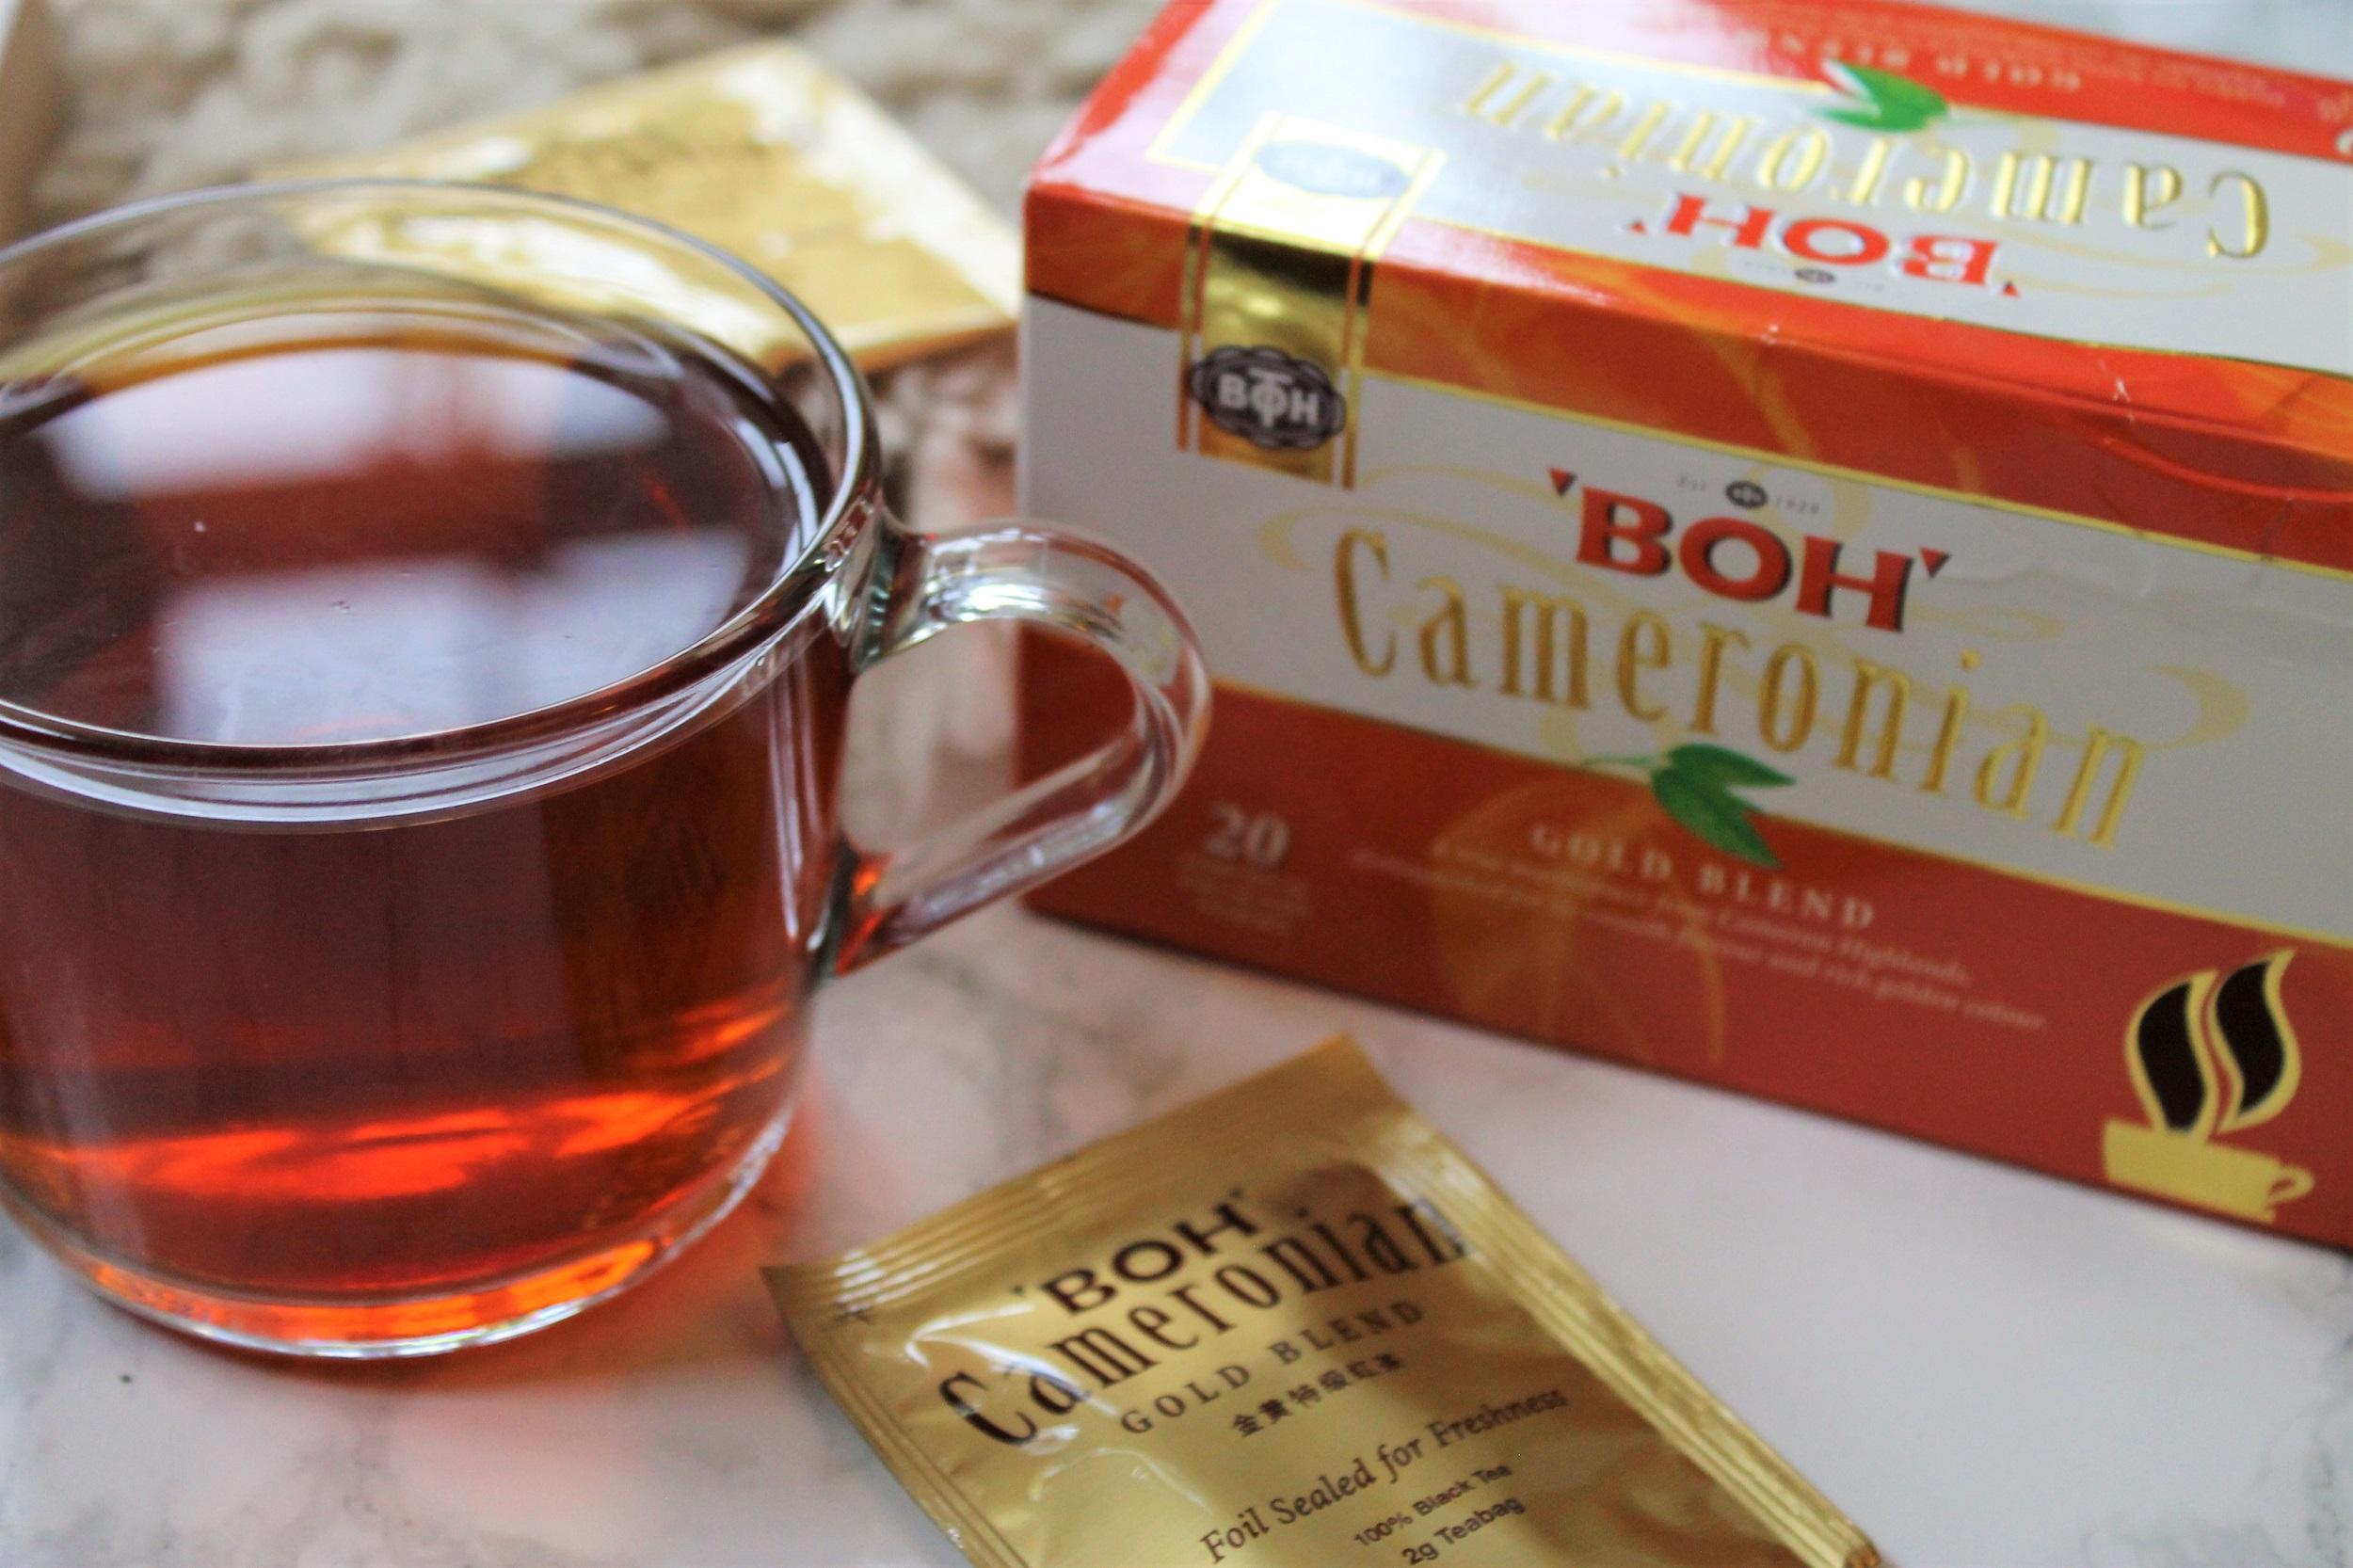 boh tea malaysia cameronian gold blend